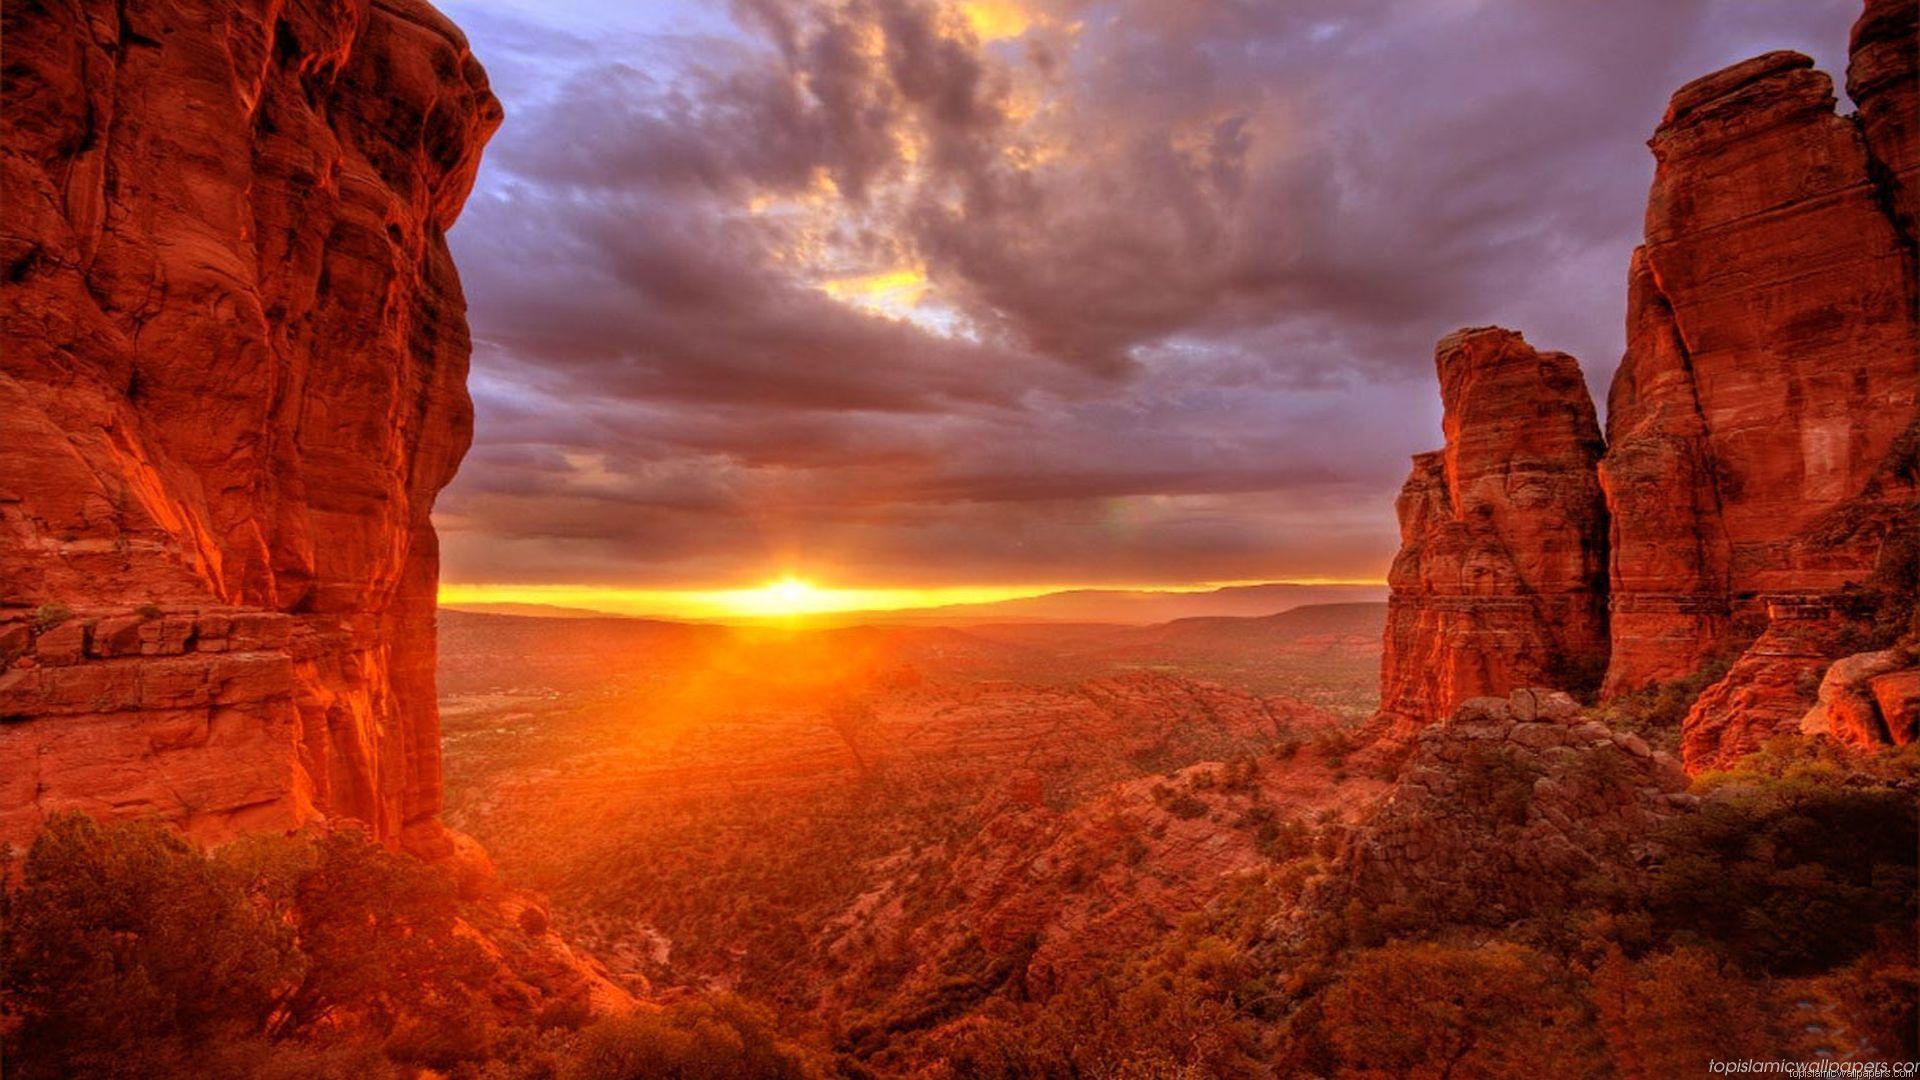 islam hd sunset from arizona top beautiful islamic 1920x1080px